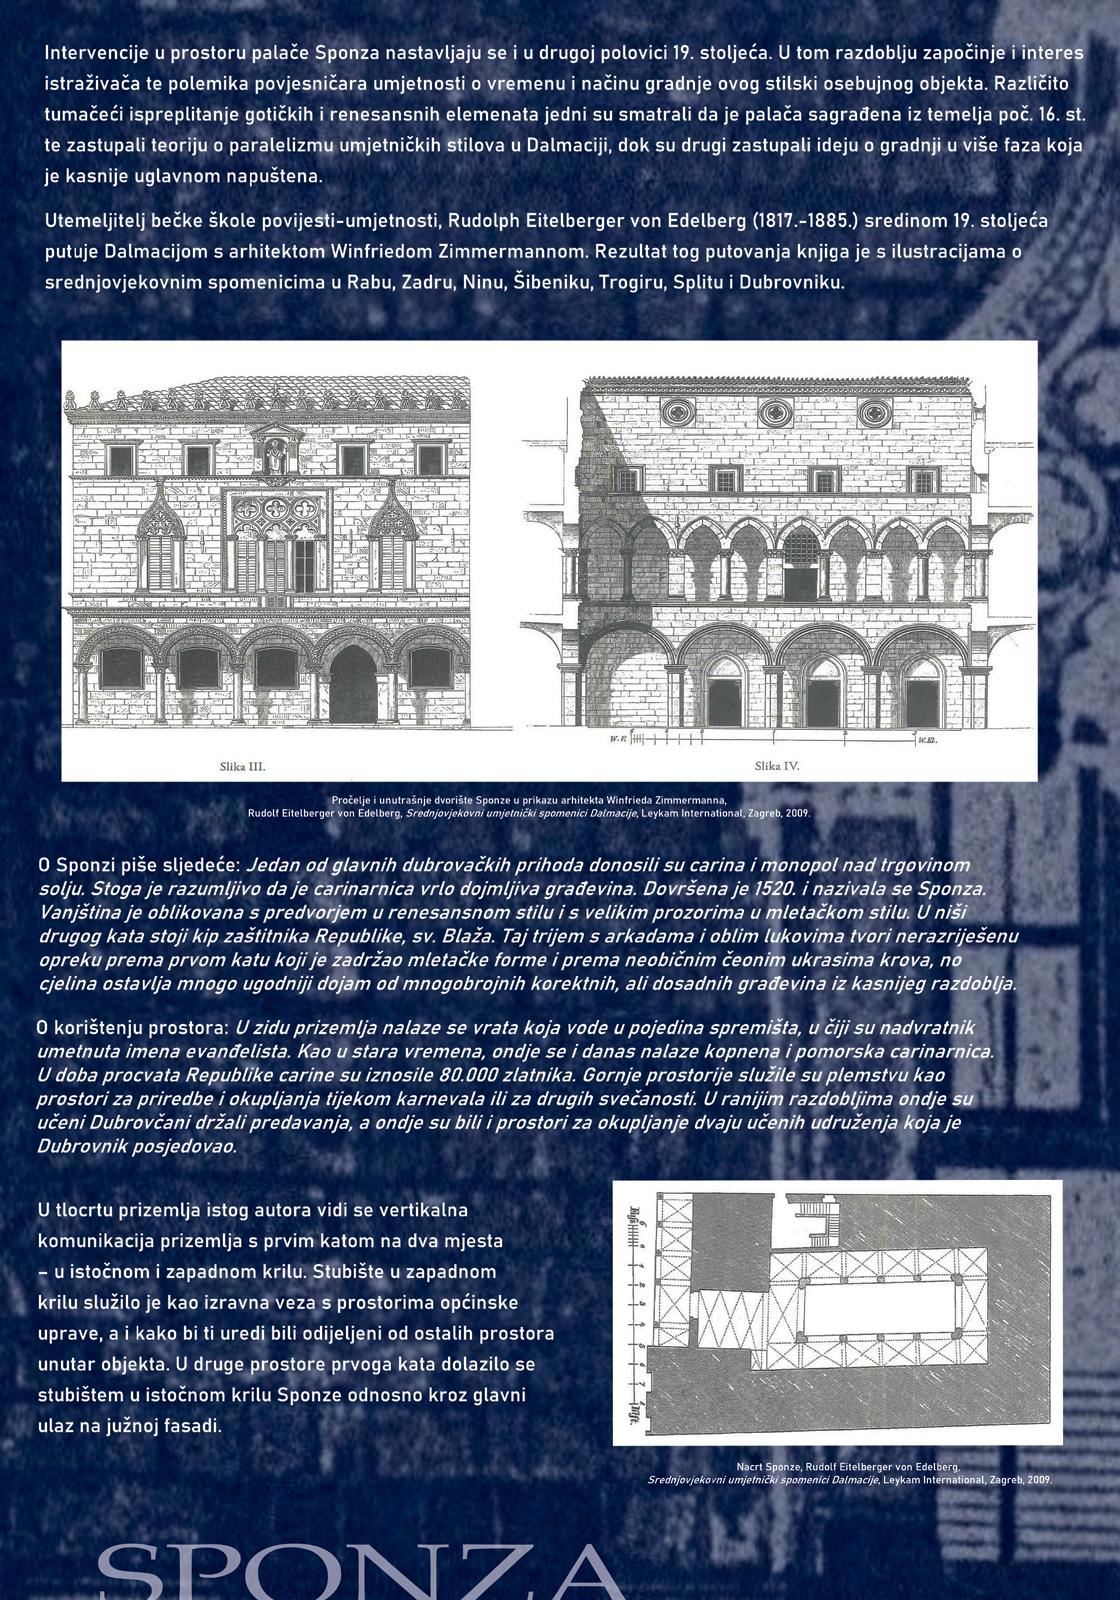 Panel sa tekstom i slikama koje prikazuju historicističke intervencije u palaču Sponza u drugoj polovici 19. stoljeća